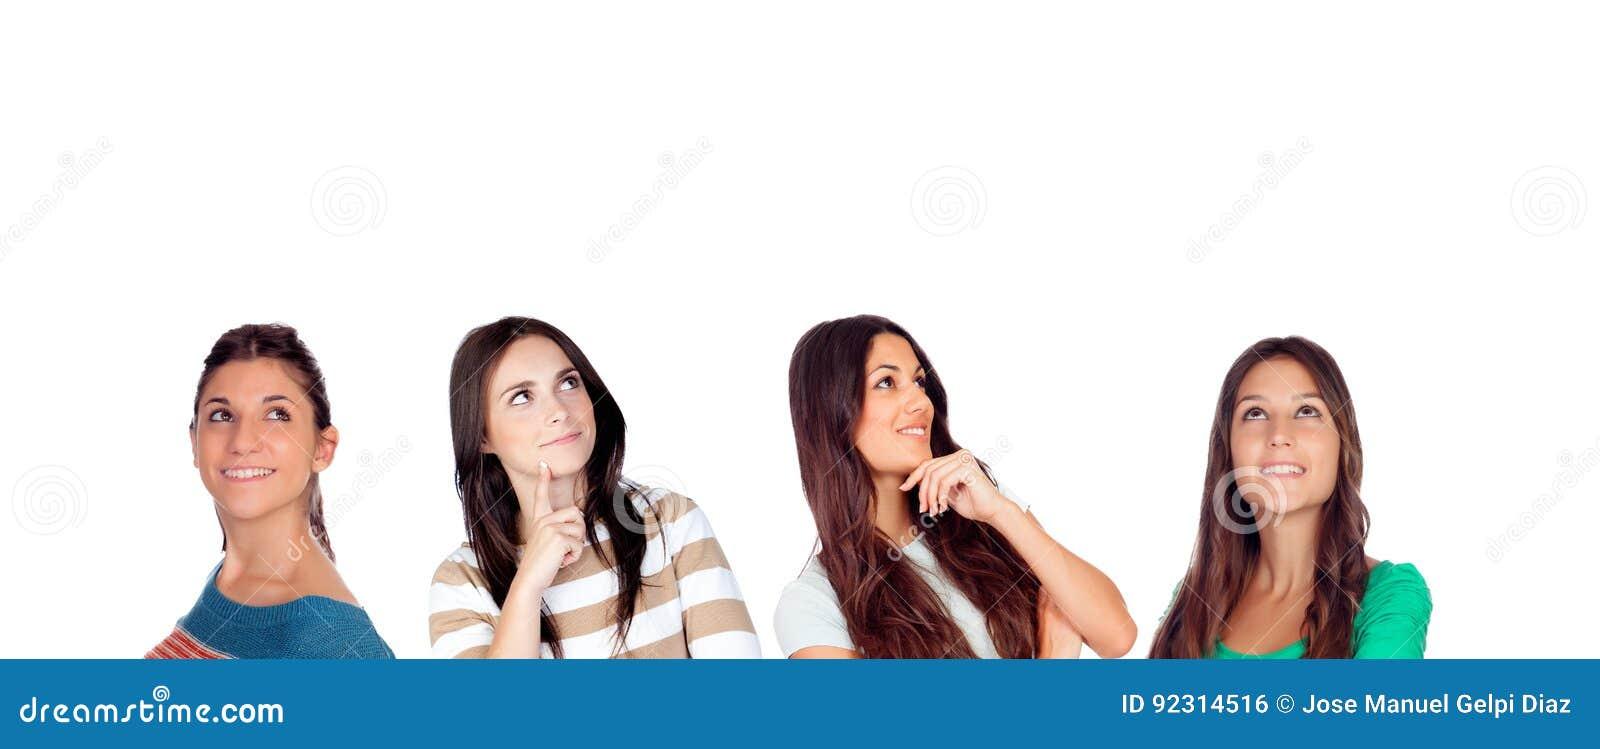 Mulheres pensativas